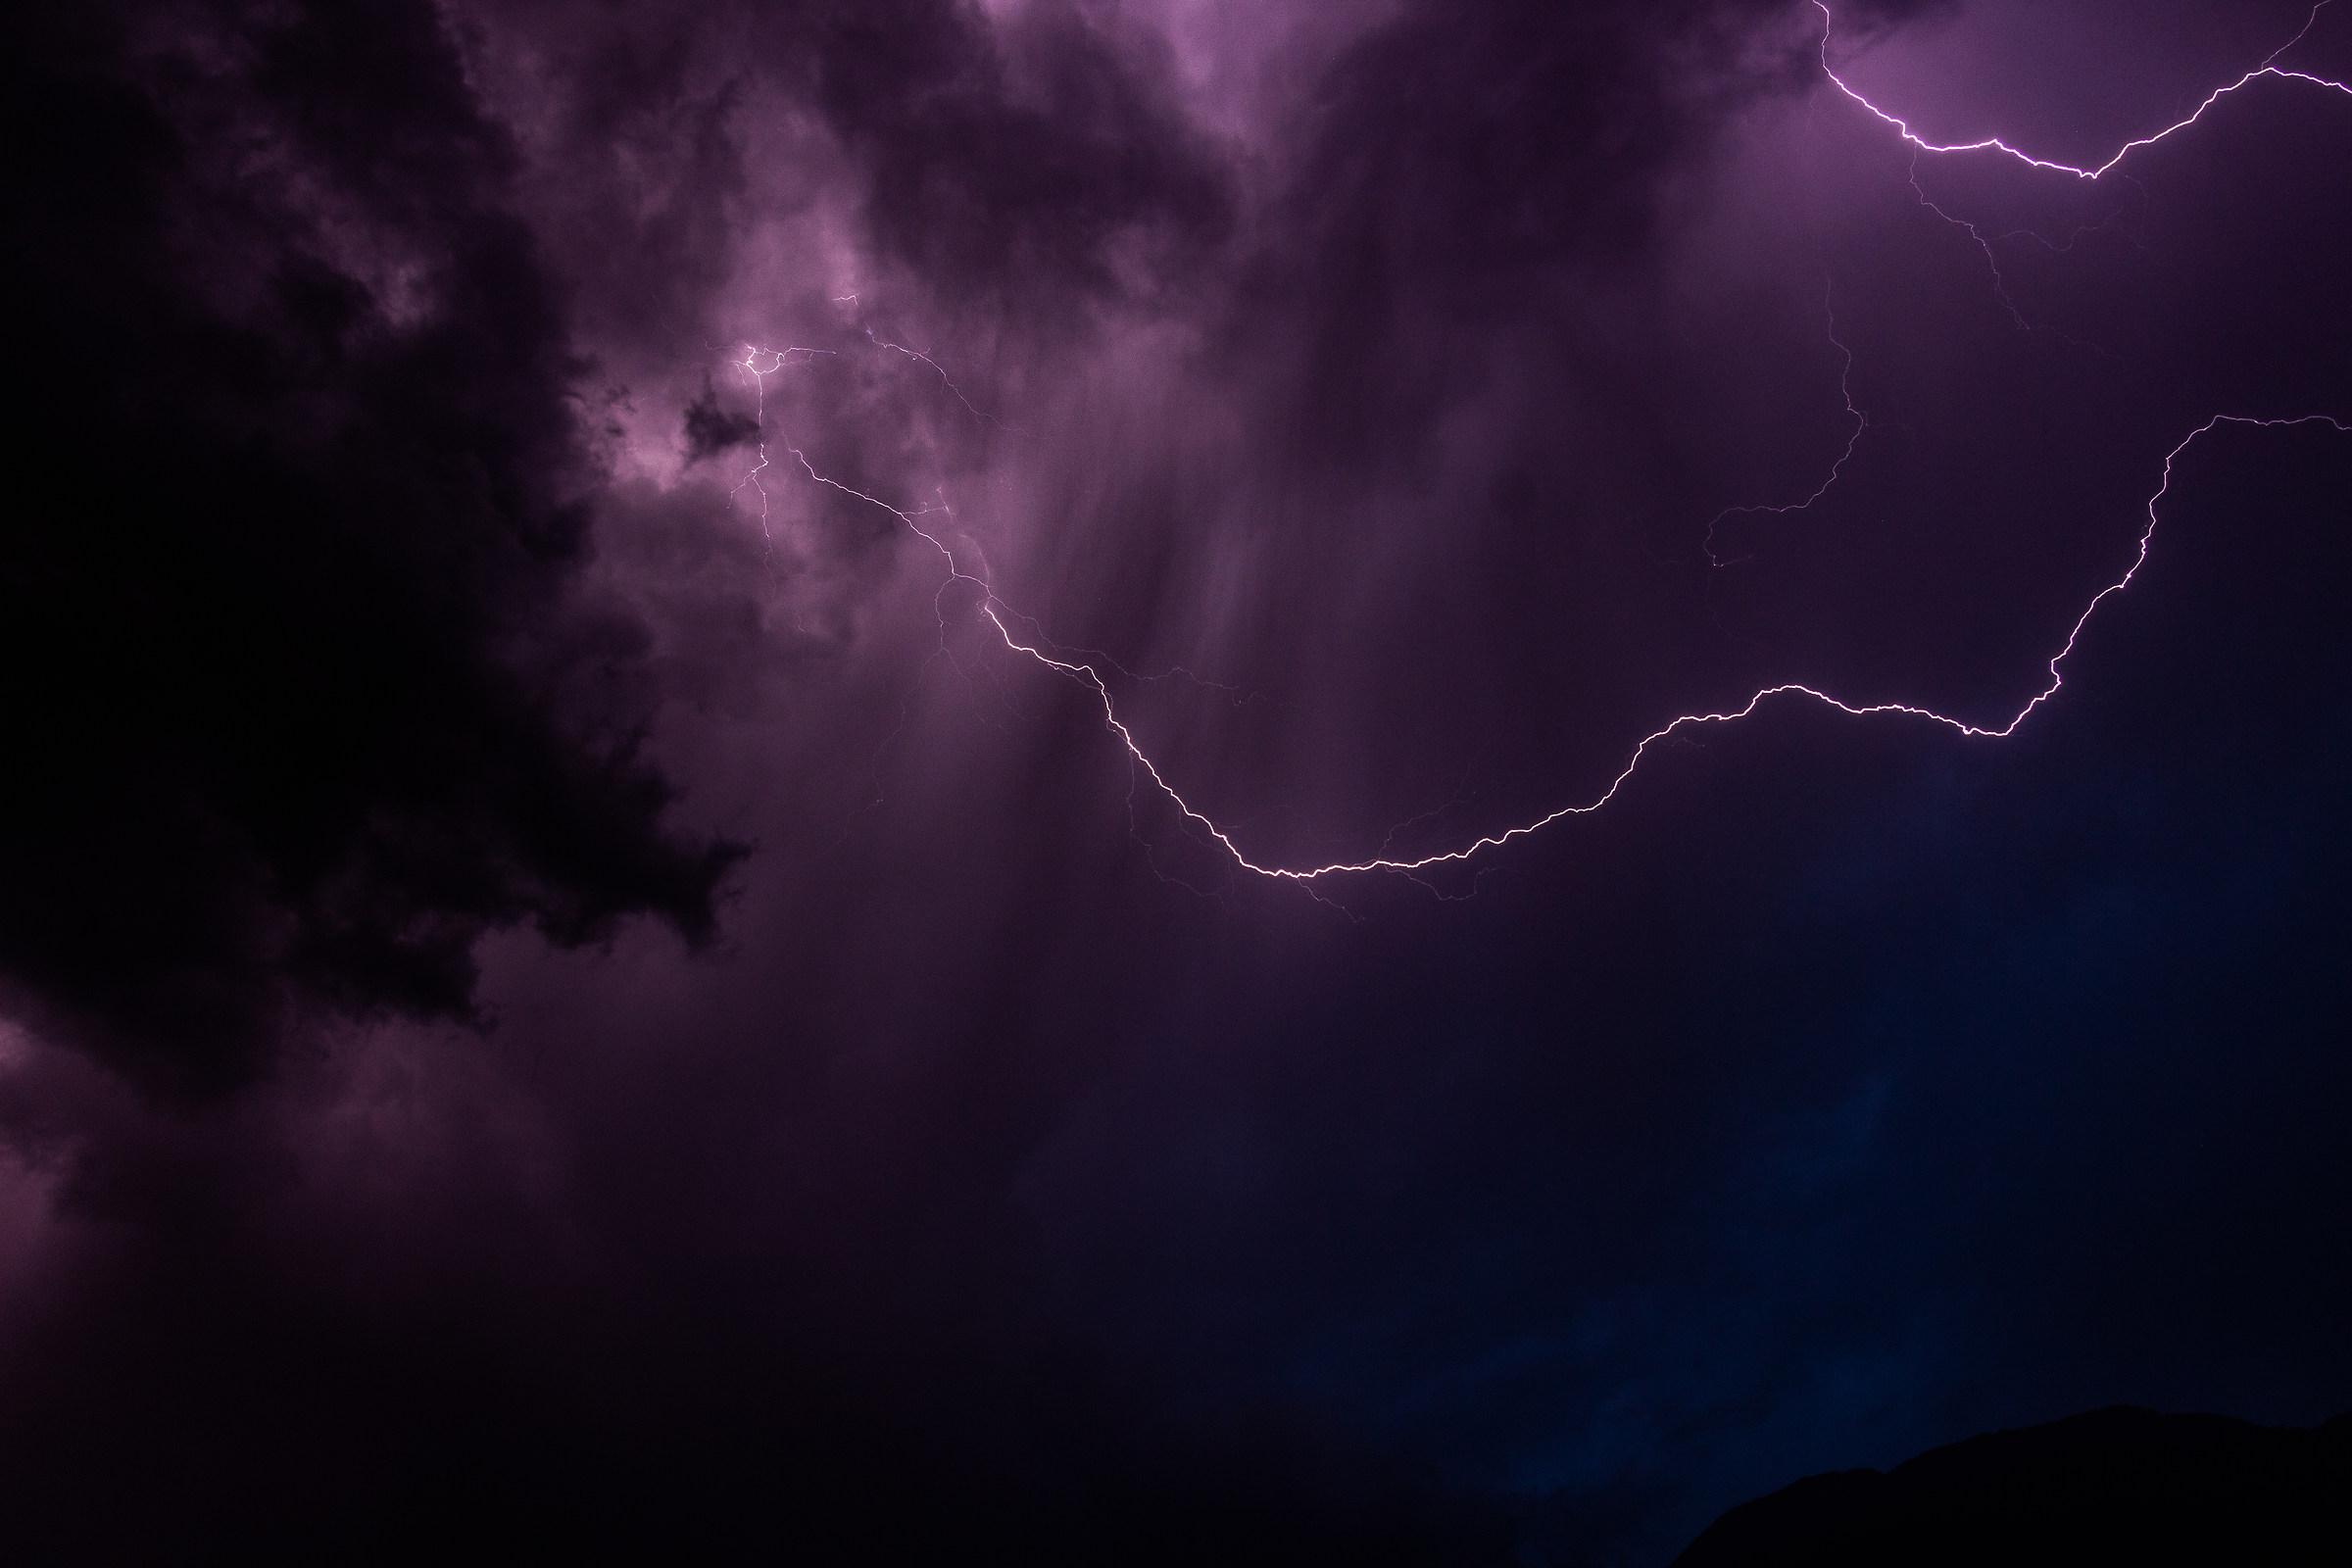 My first Lightning...